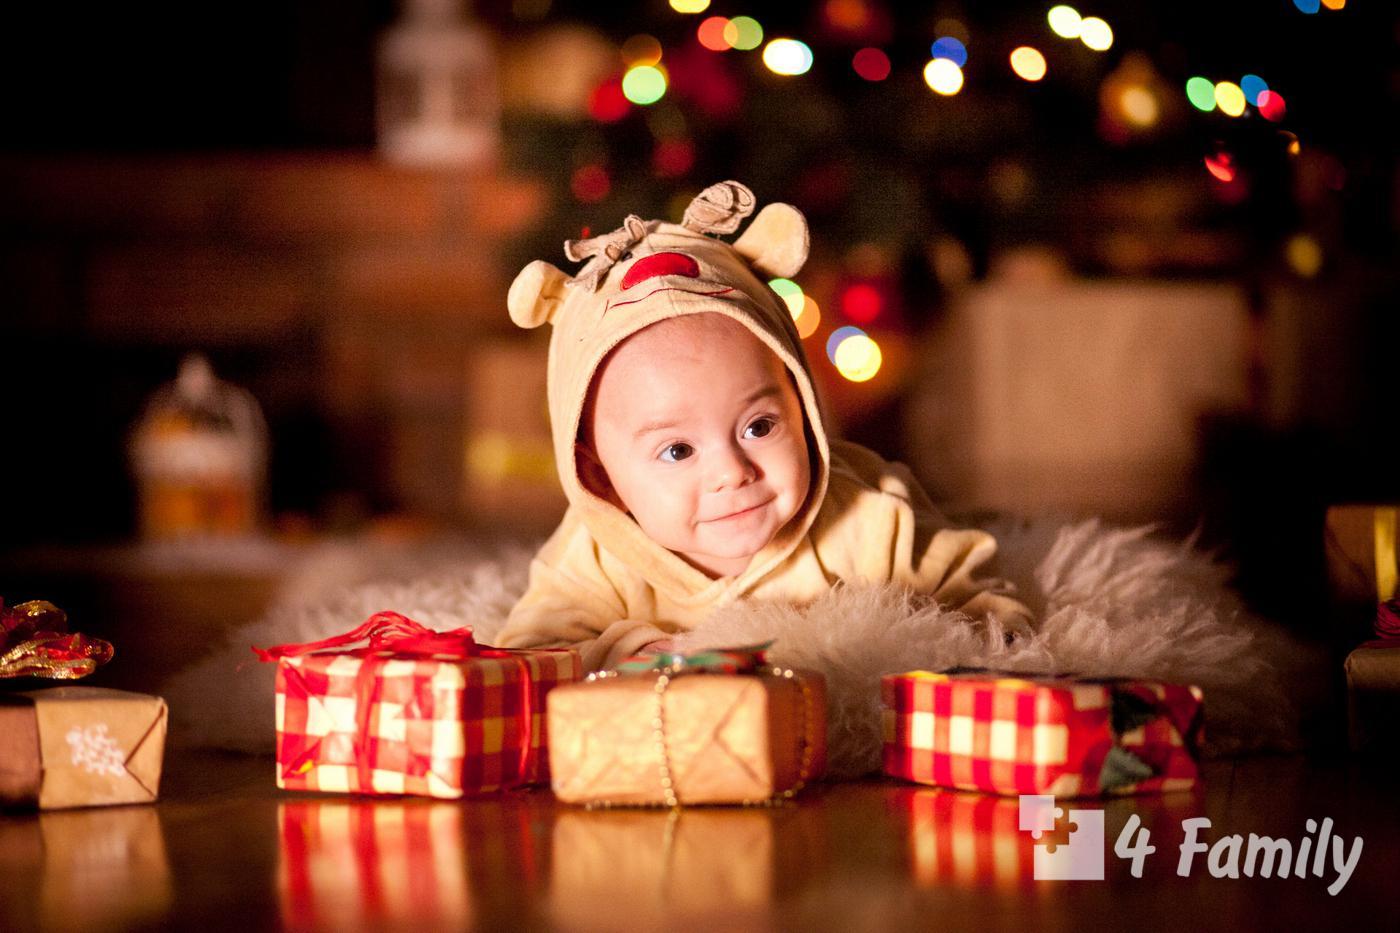 4family Что подарить ребенку на Новый год